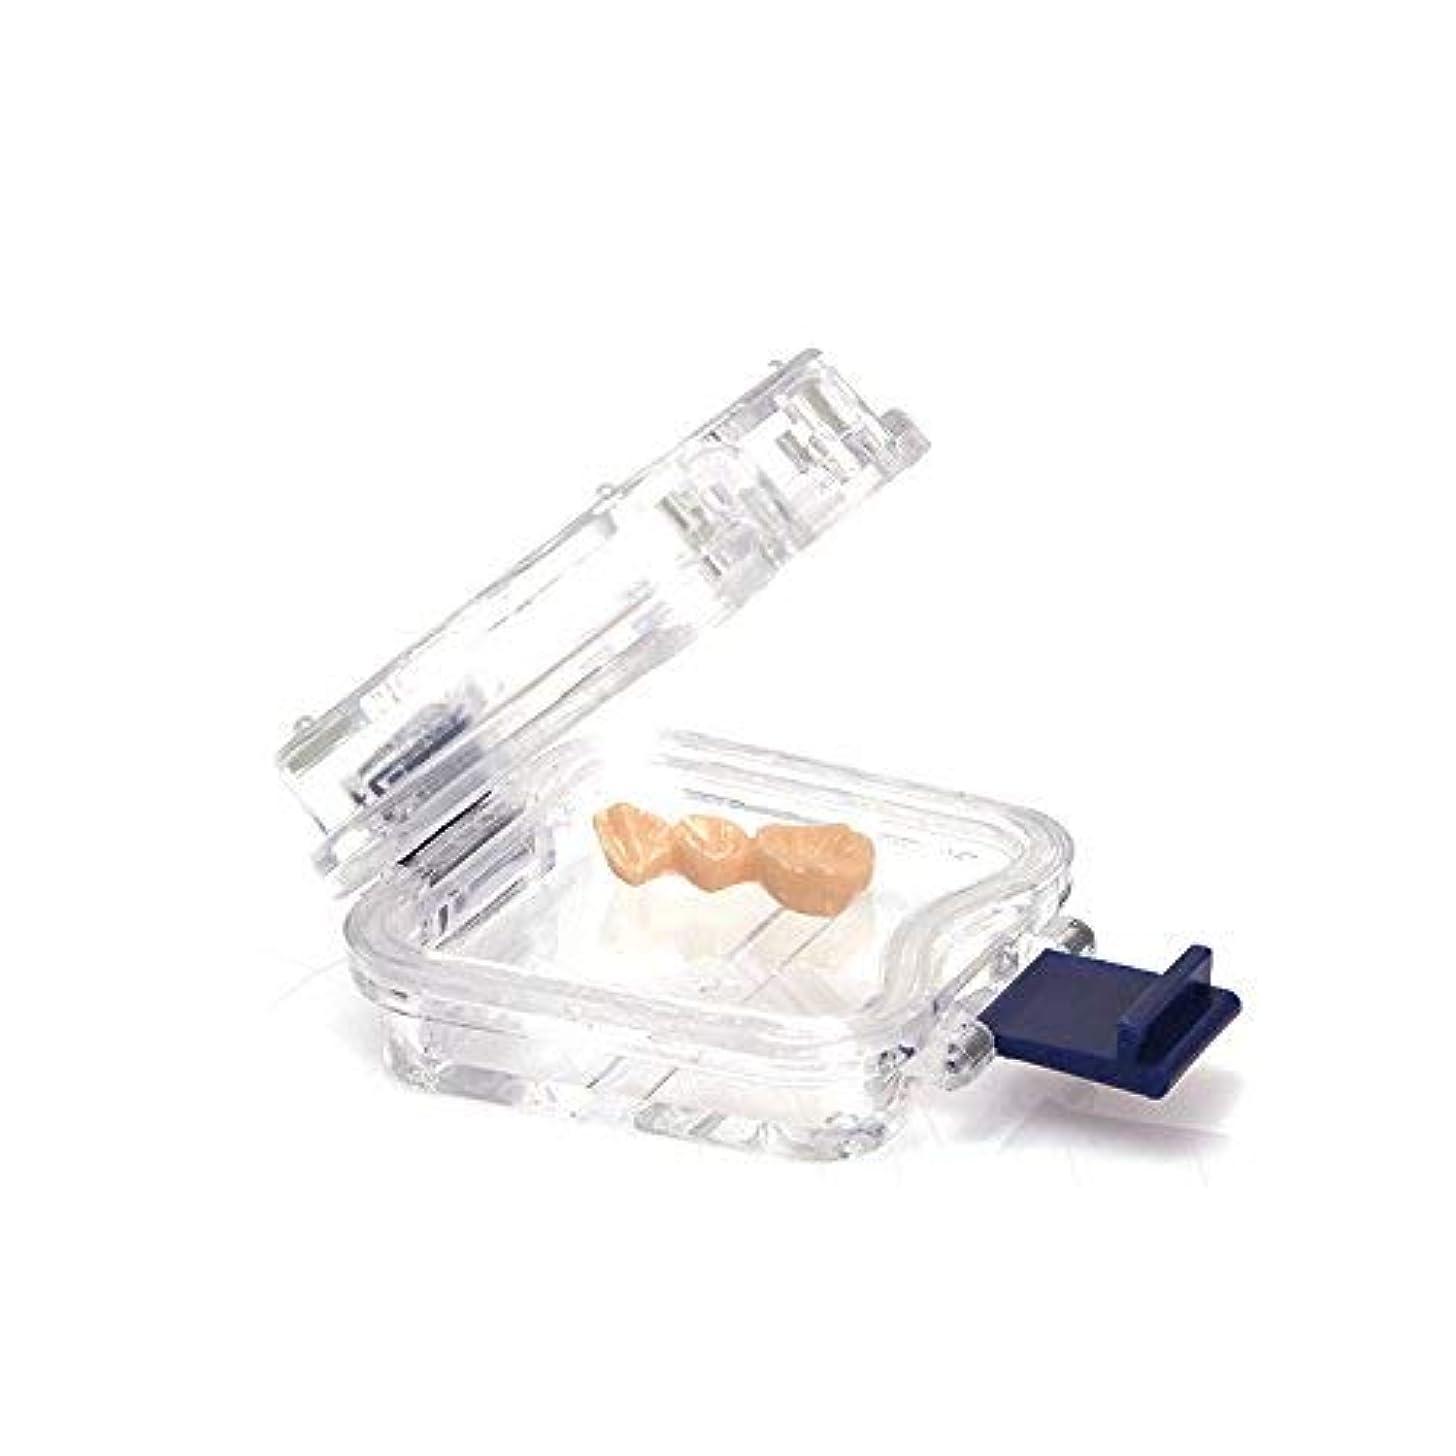 チャンバーラップトップ入場入れ歯ケース膜付き 5pcs/lot 義歯ケース 防振入れ歯ケース 小サイズ Annhua